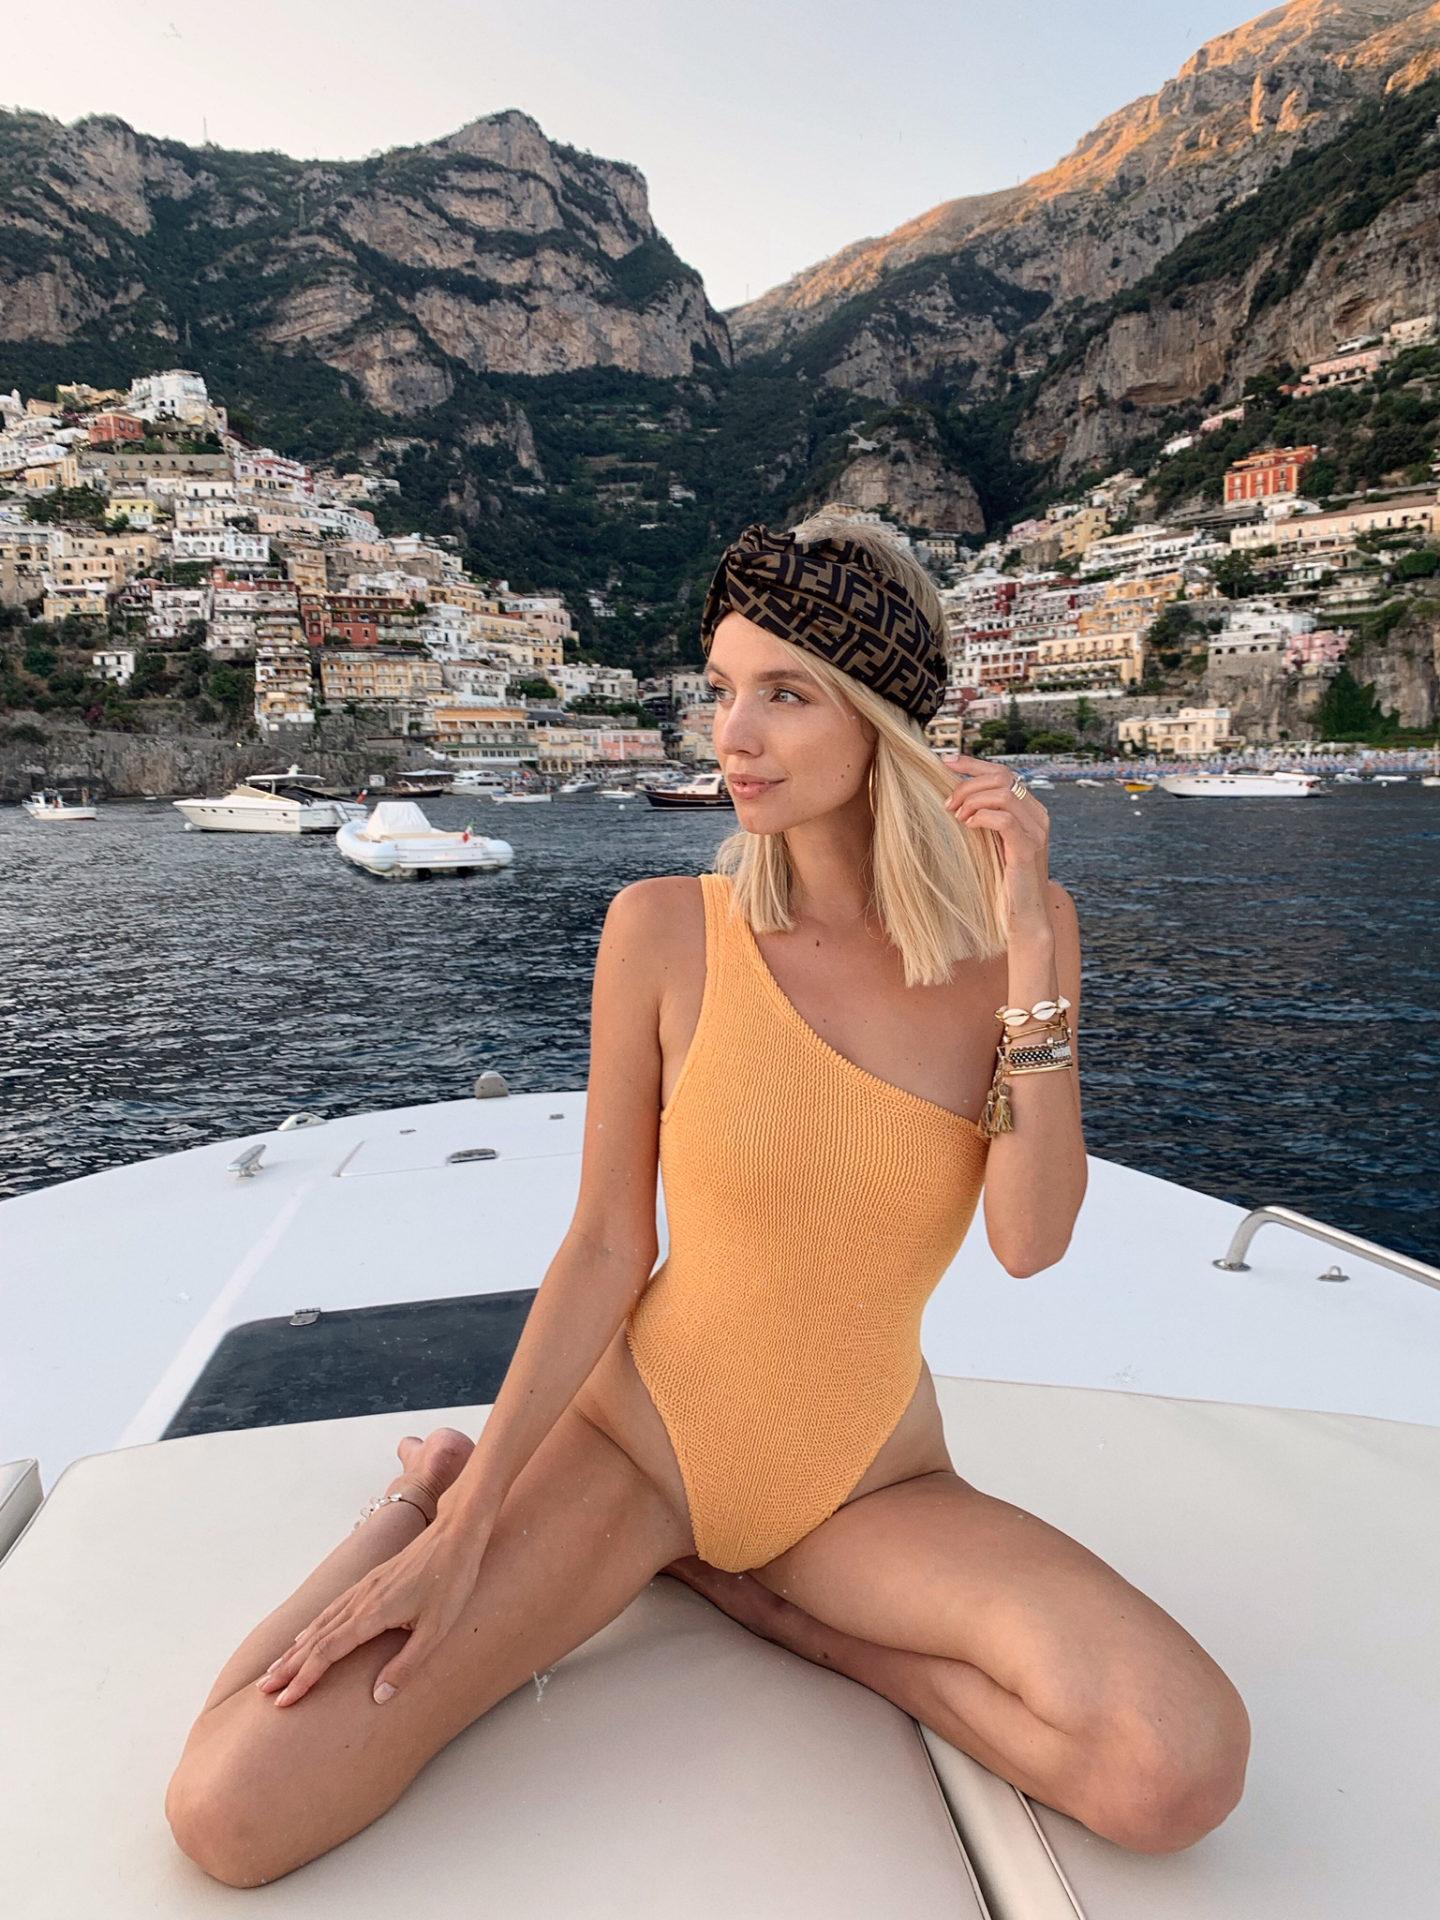 Leonie Hanne Positano Boat Ride